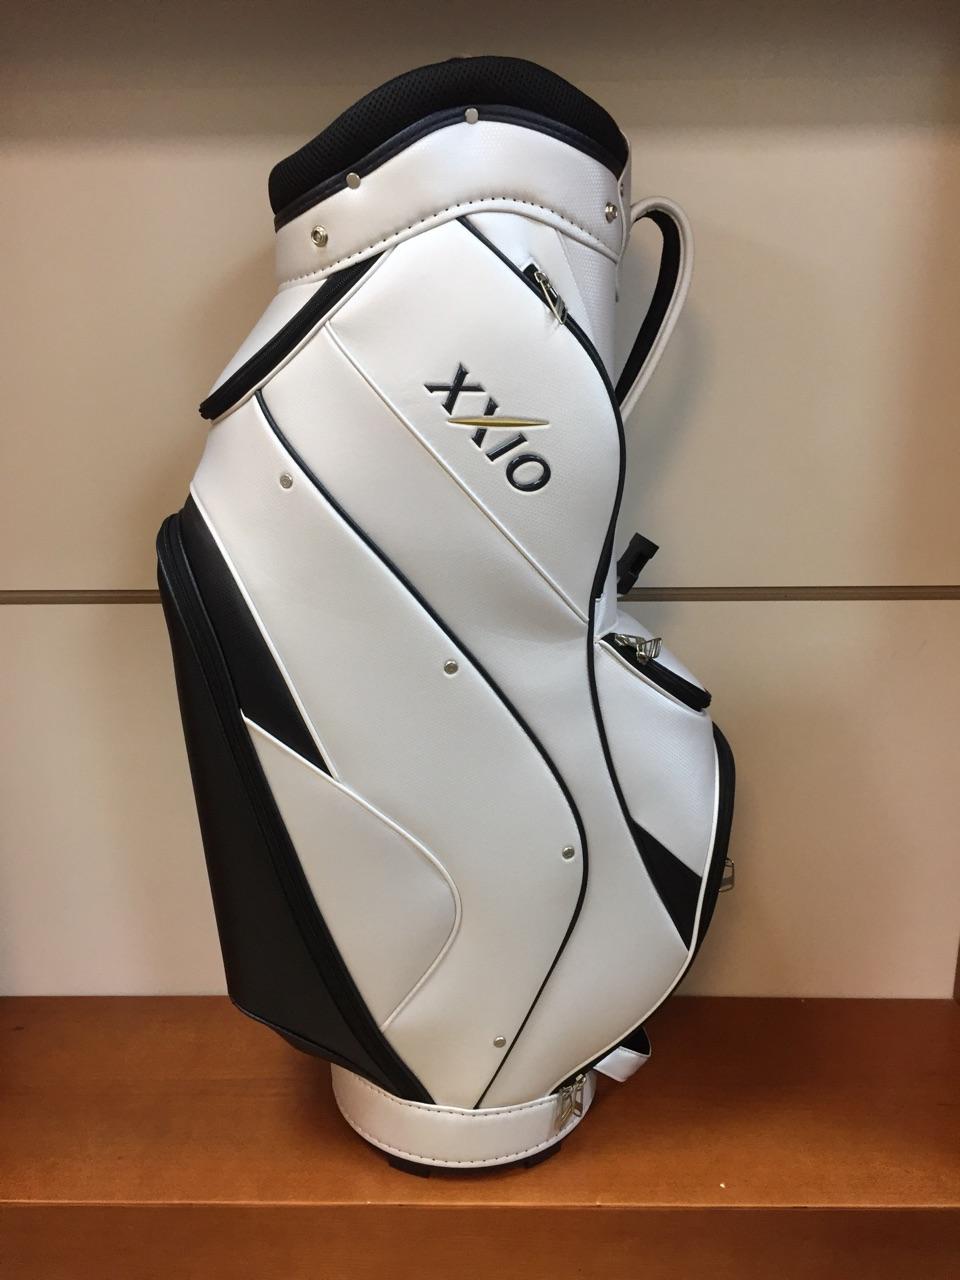 Túi gậy golf XXIO CADDY BAG (GGC-X060) có giá 6,350,000 đồng